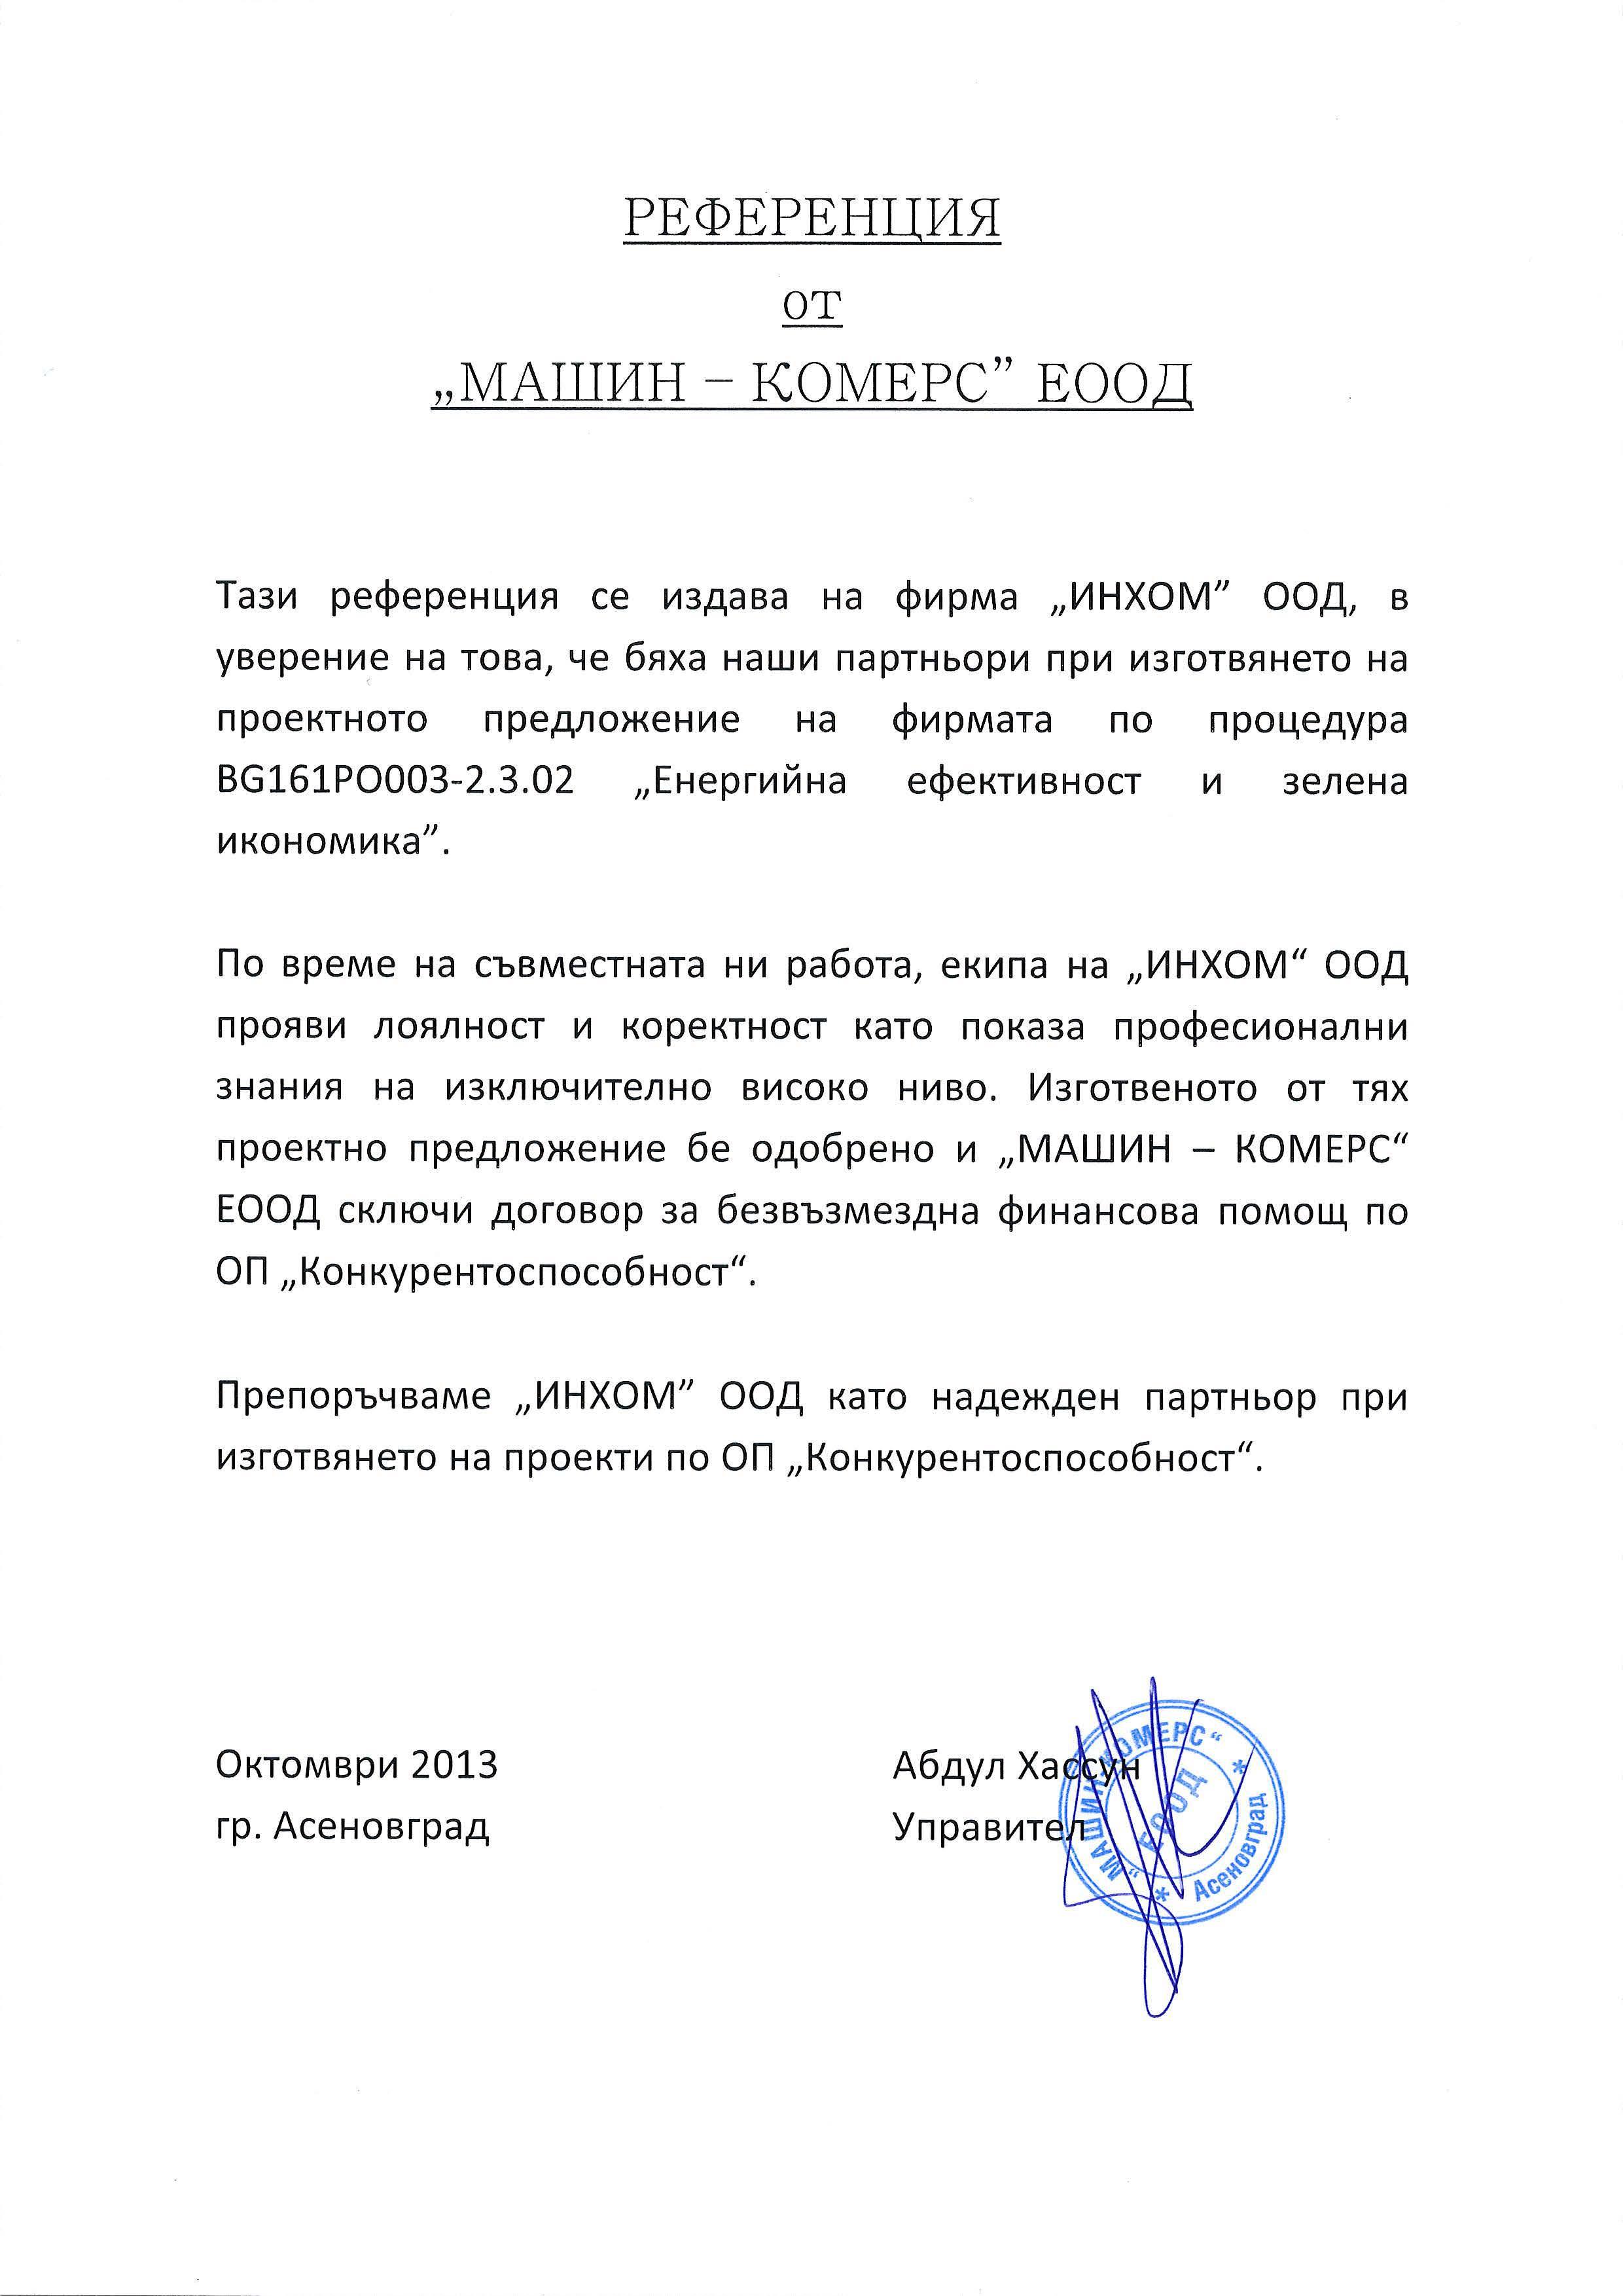 Машин-Комерс ЕООД